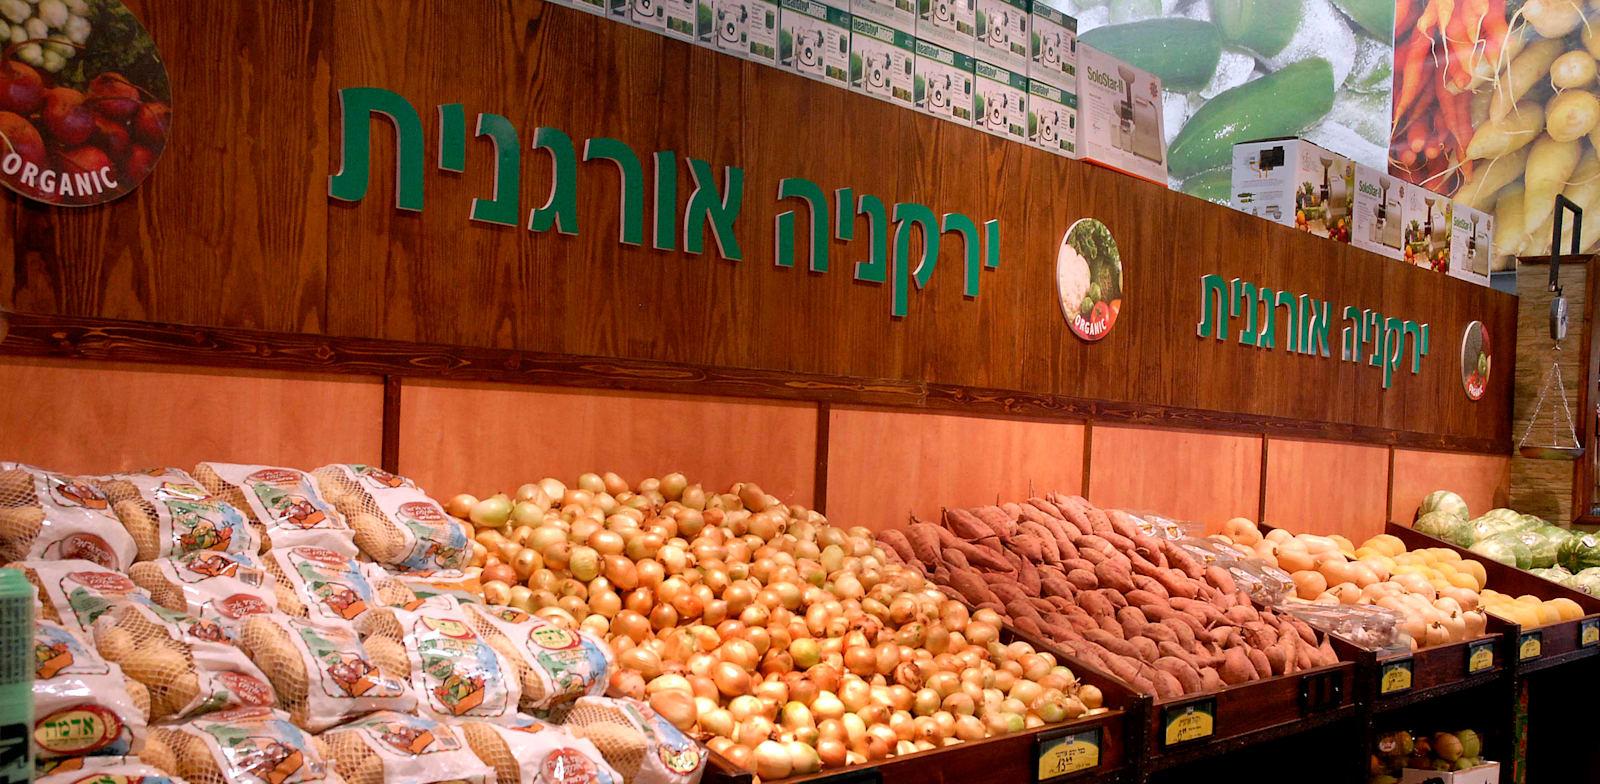 ירקות אורגניים / צילום: תמר מצפי